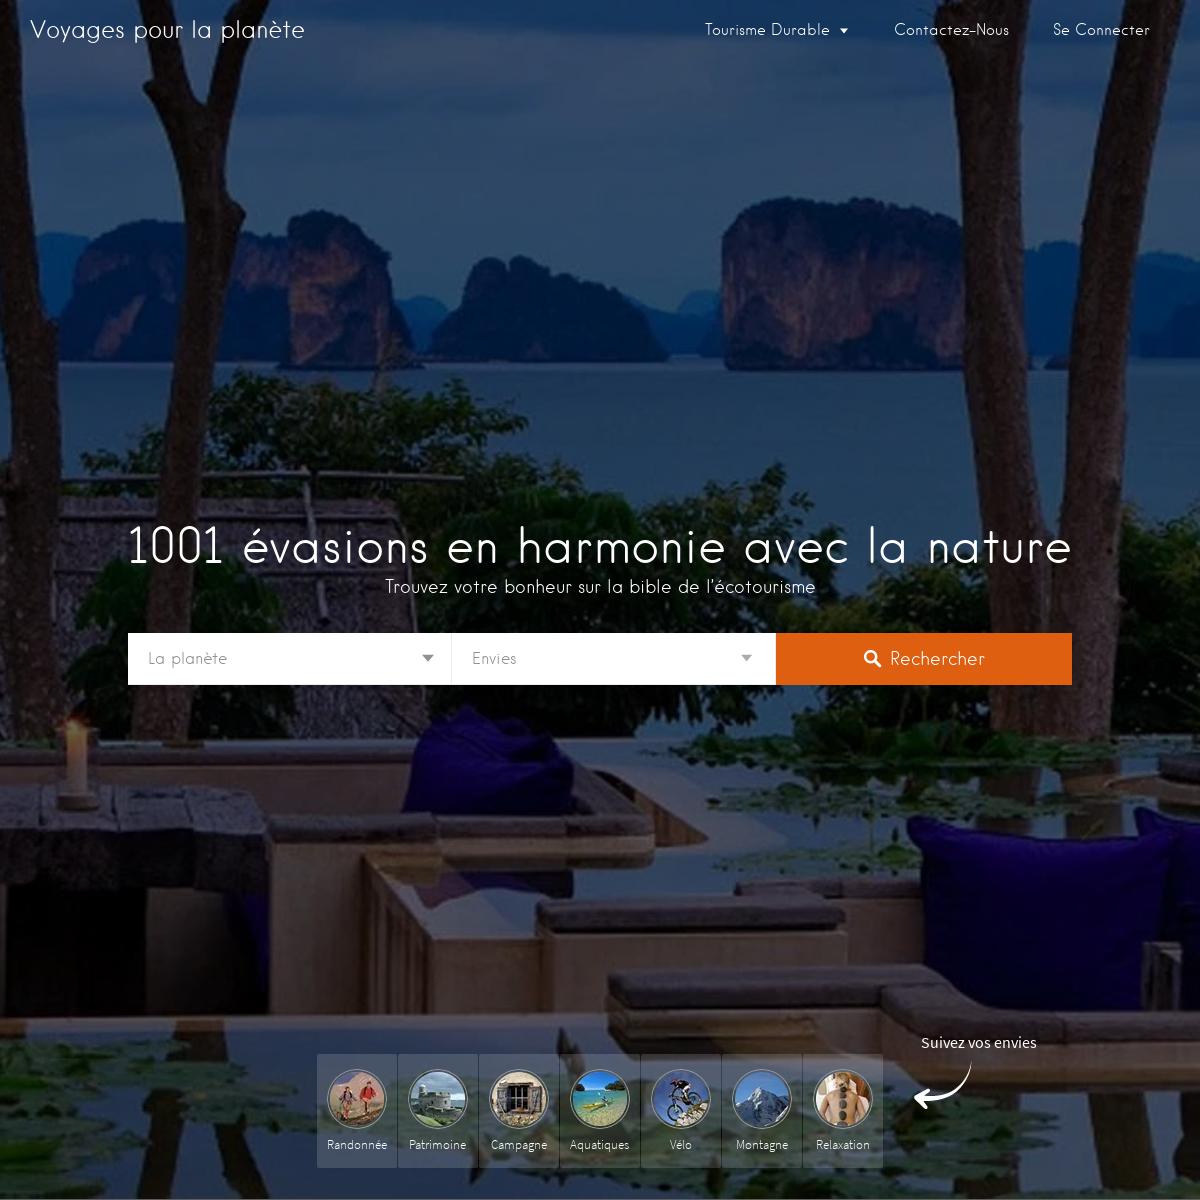 1001 évasions en harmonie avec la nature - Voyages pour la planète